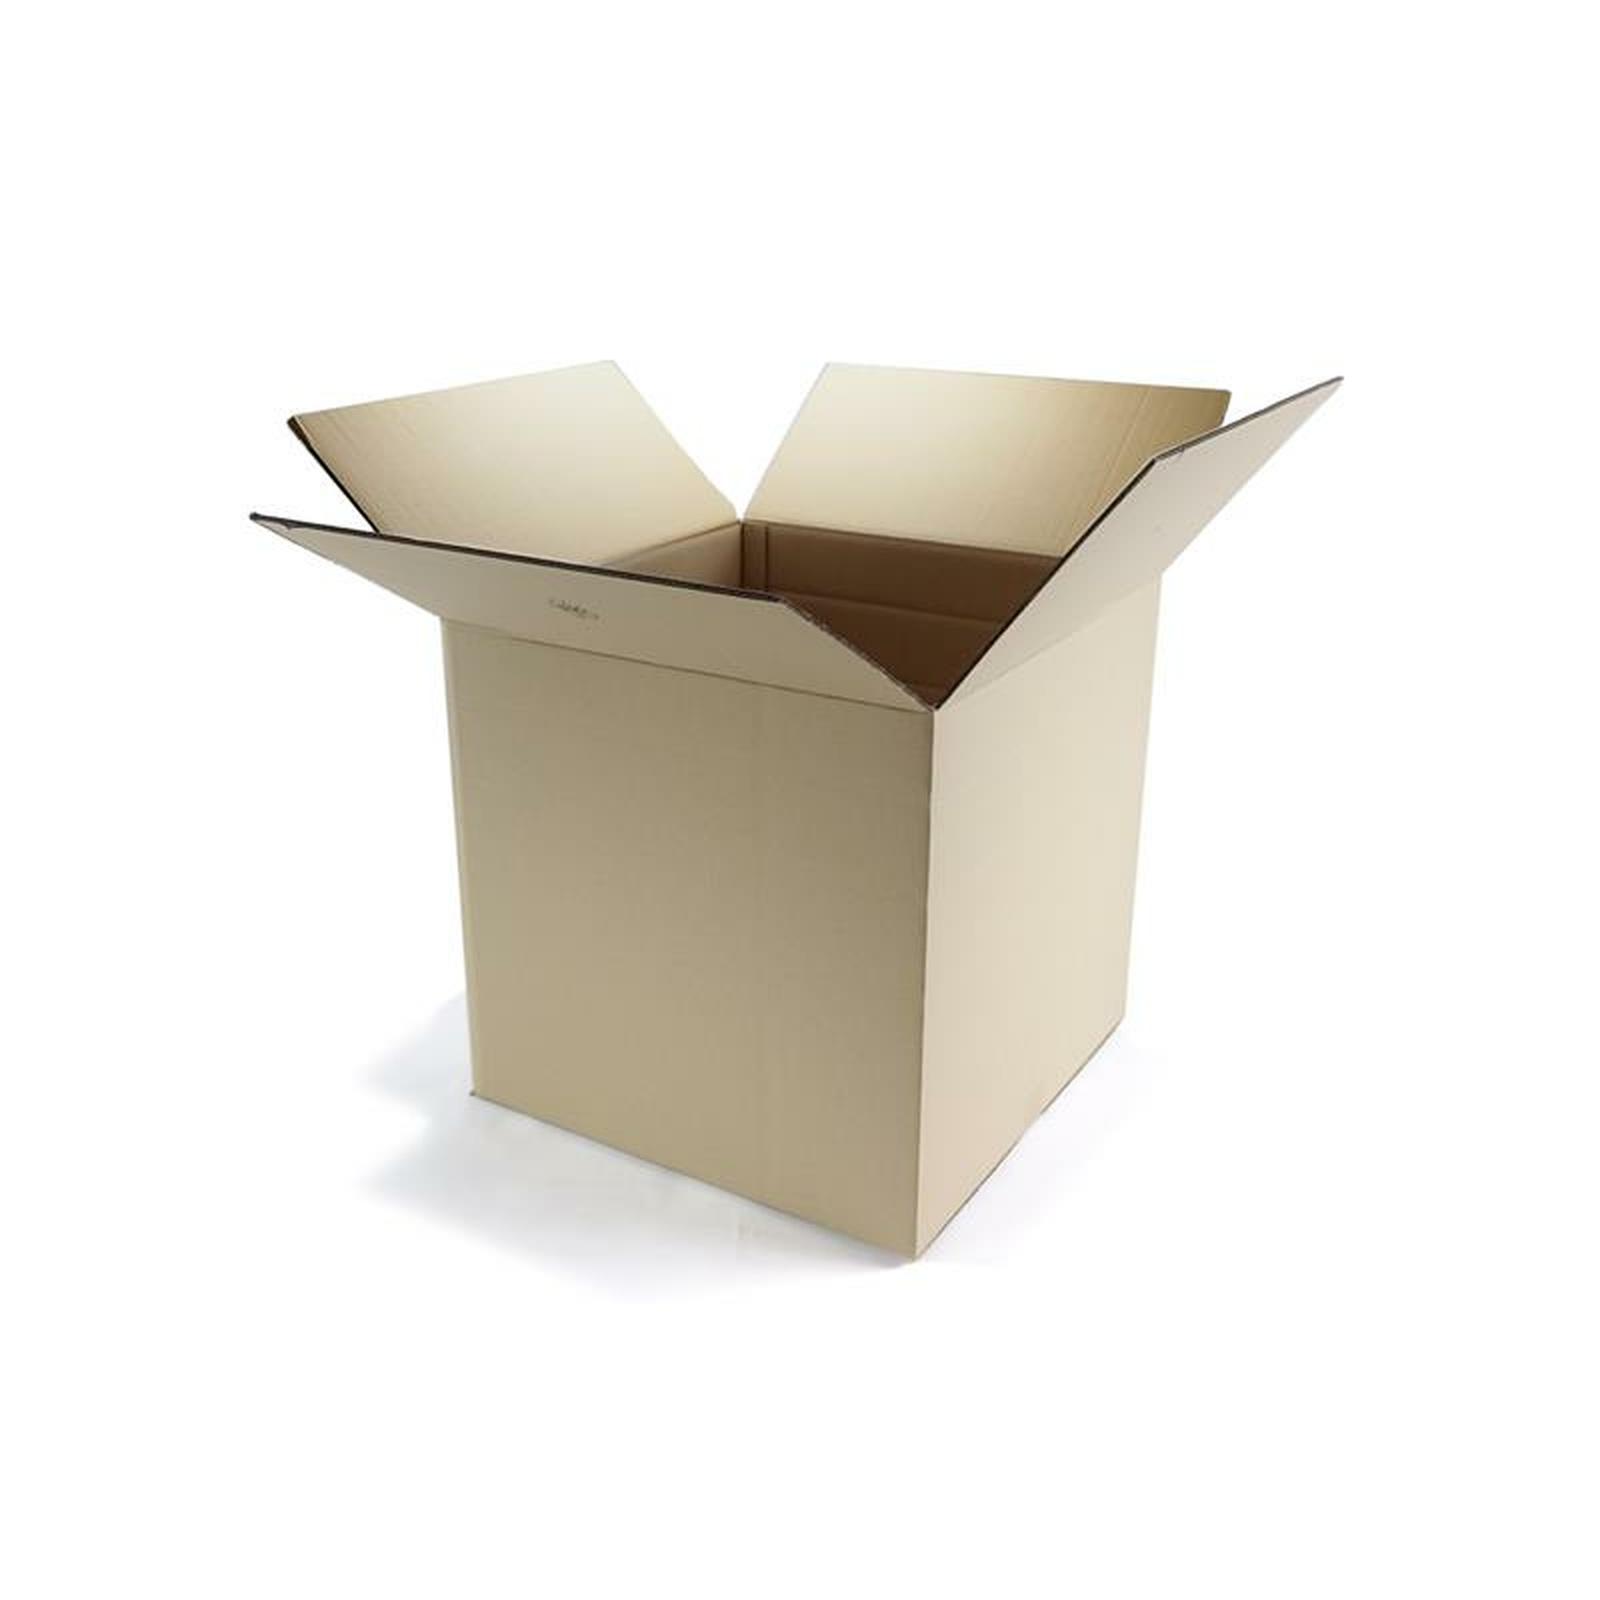 zweiwellige kartons au enma 600x600x300 600 mm 2 65. Black Bedroom Furniture Sets. Home Design Ideas